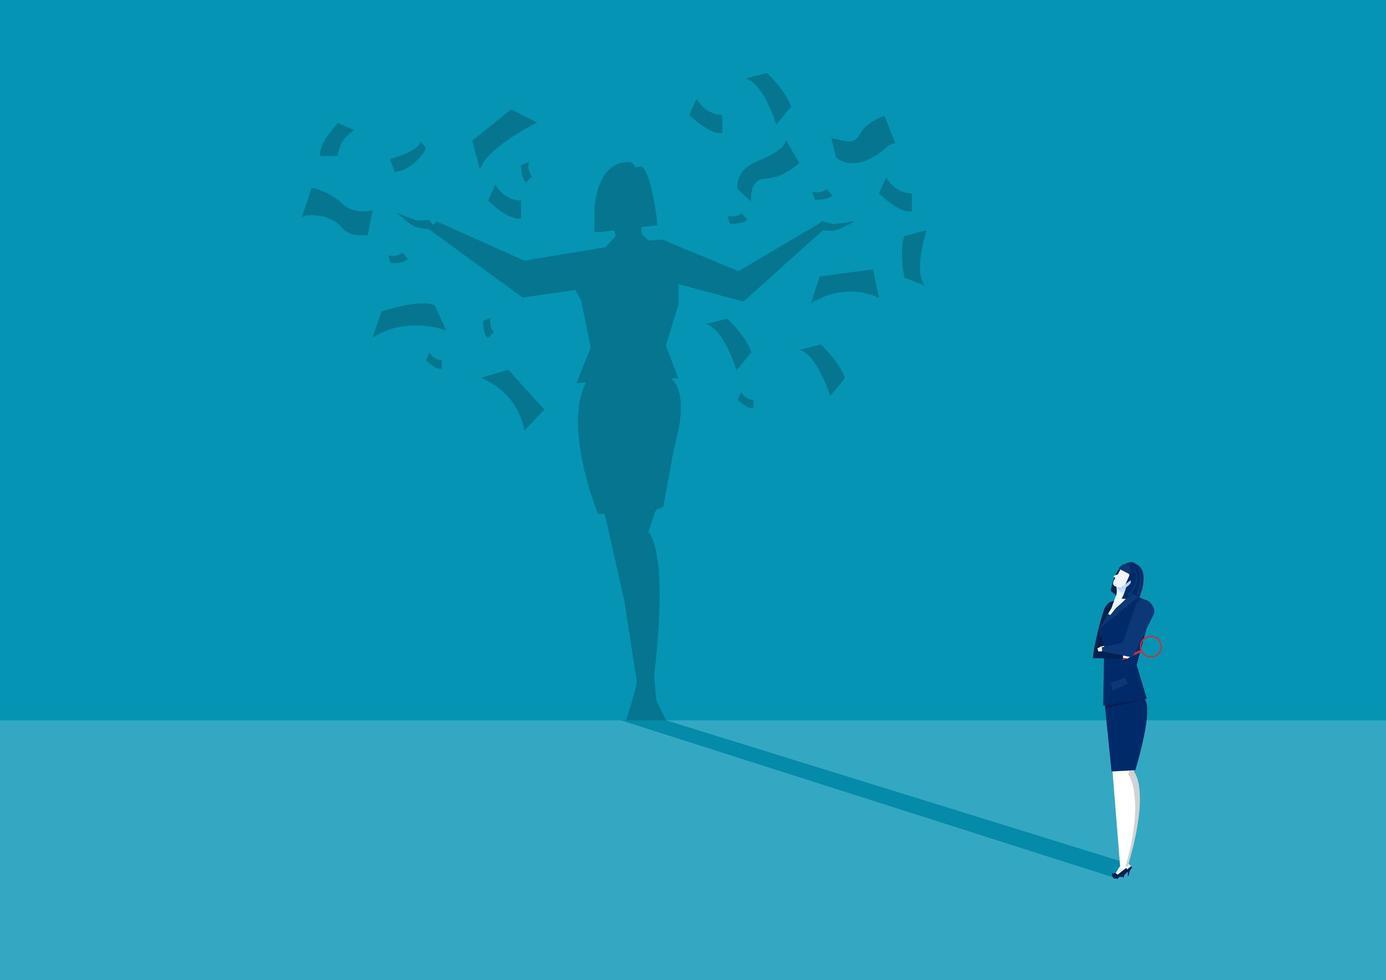 Geld Erfolg Schatten der Geschäftsfrau vektor